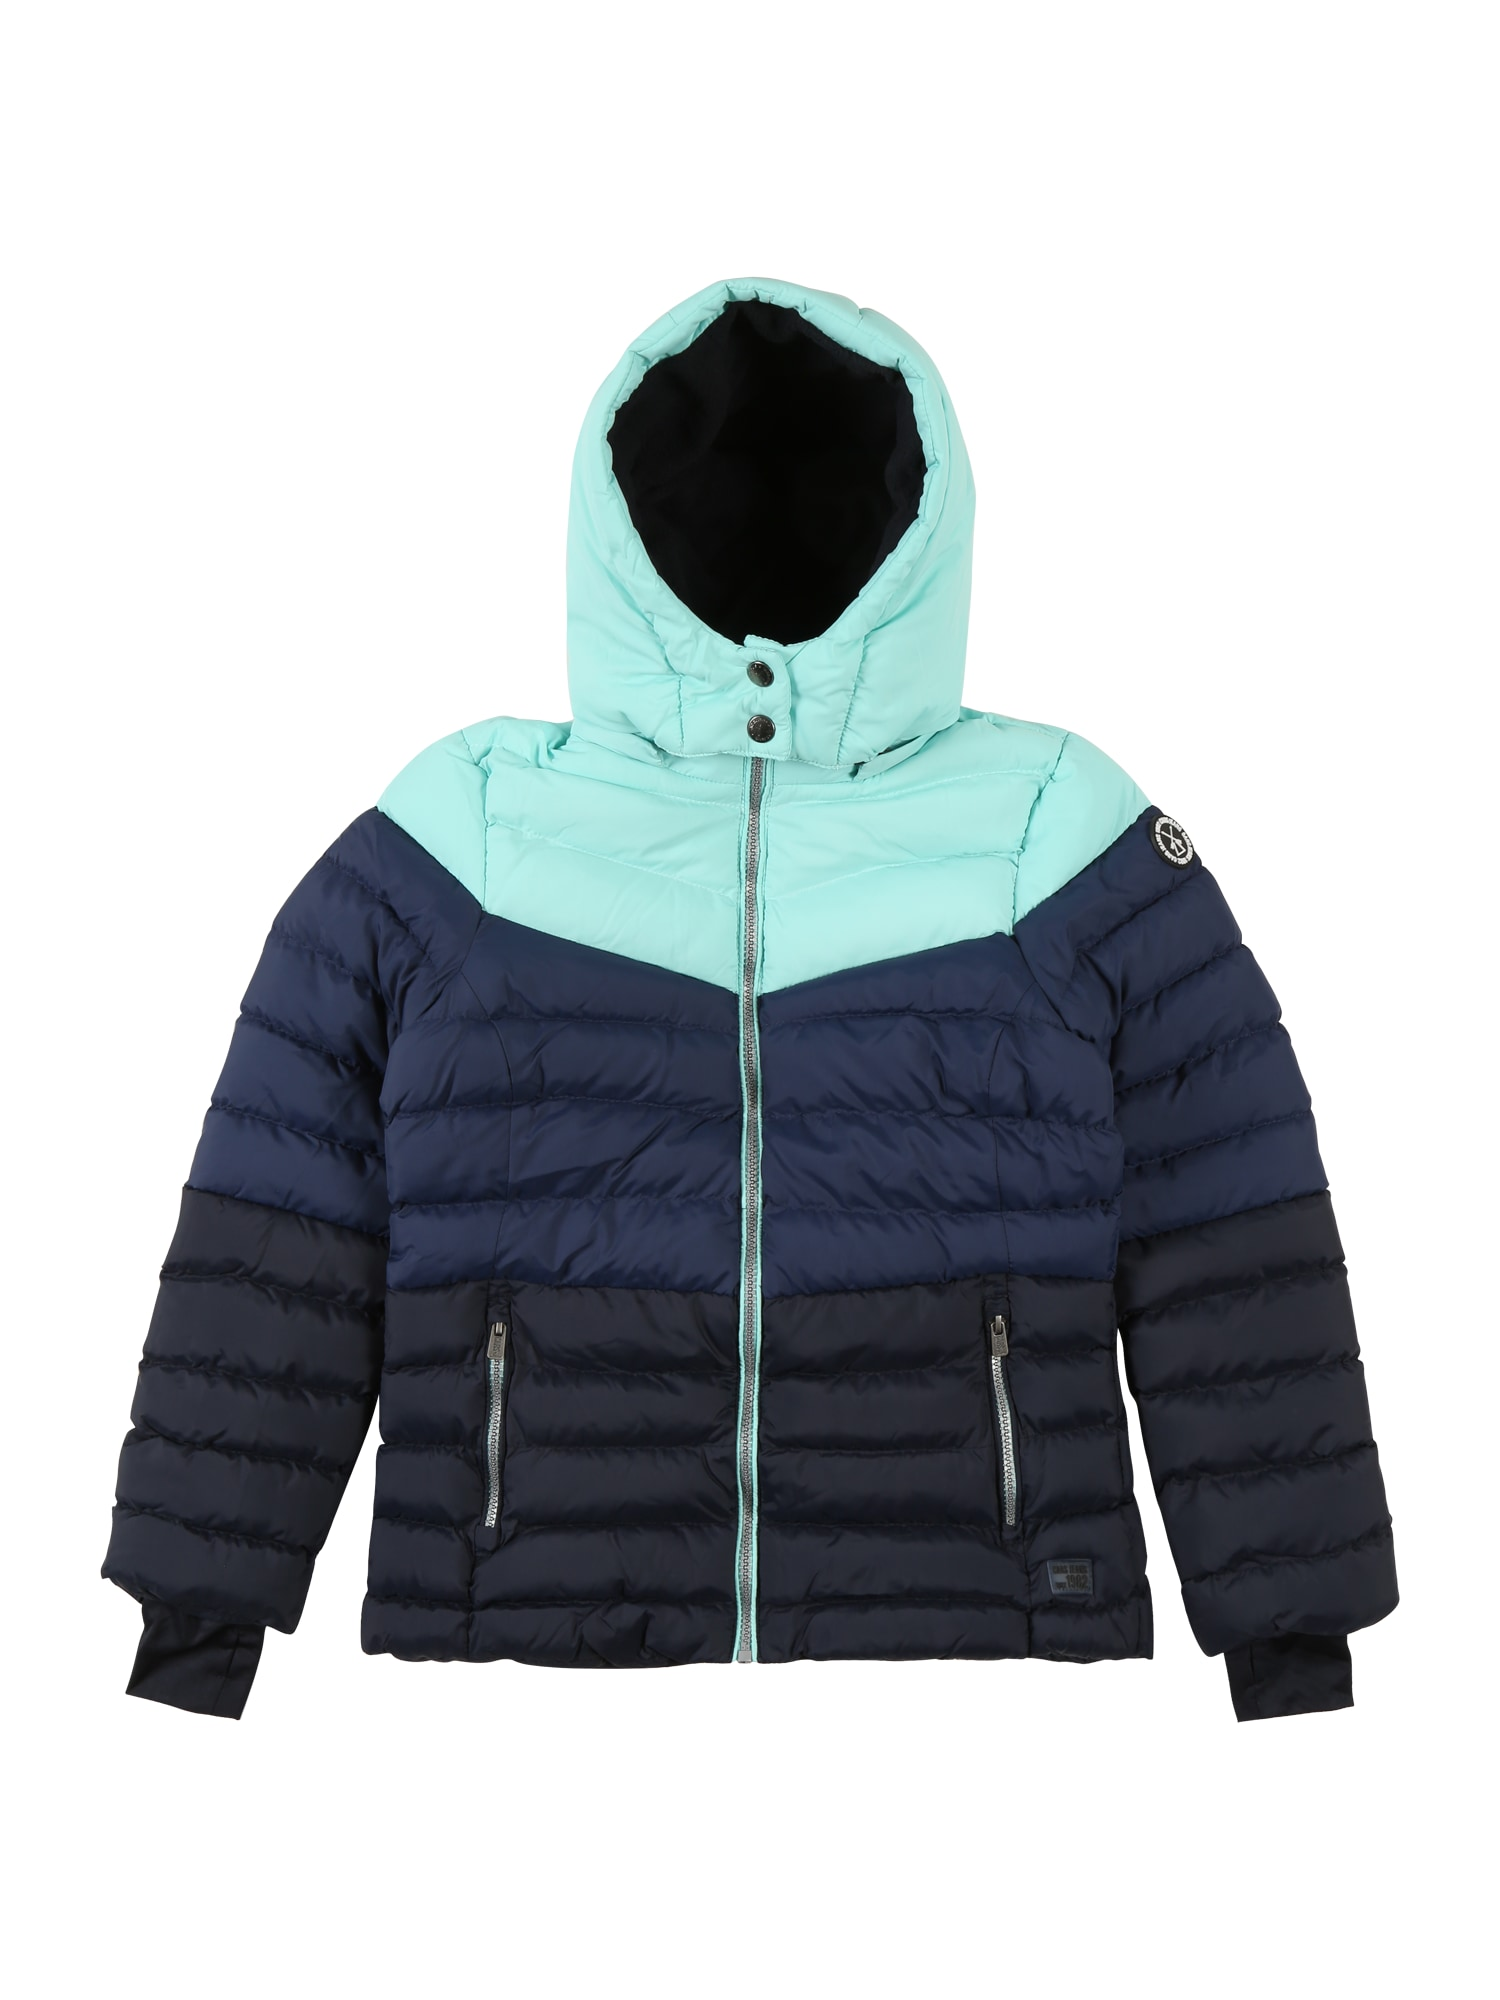 Cars Jeans Žieminė striukė 'MALOU' tamsiai mėlyna / turkio spalva